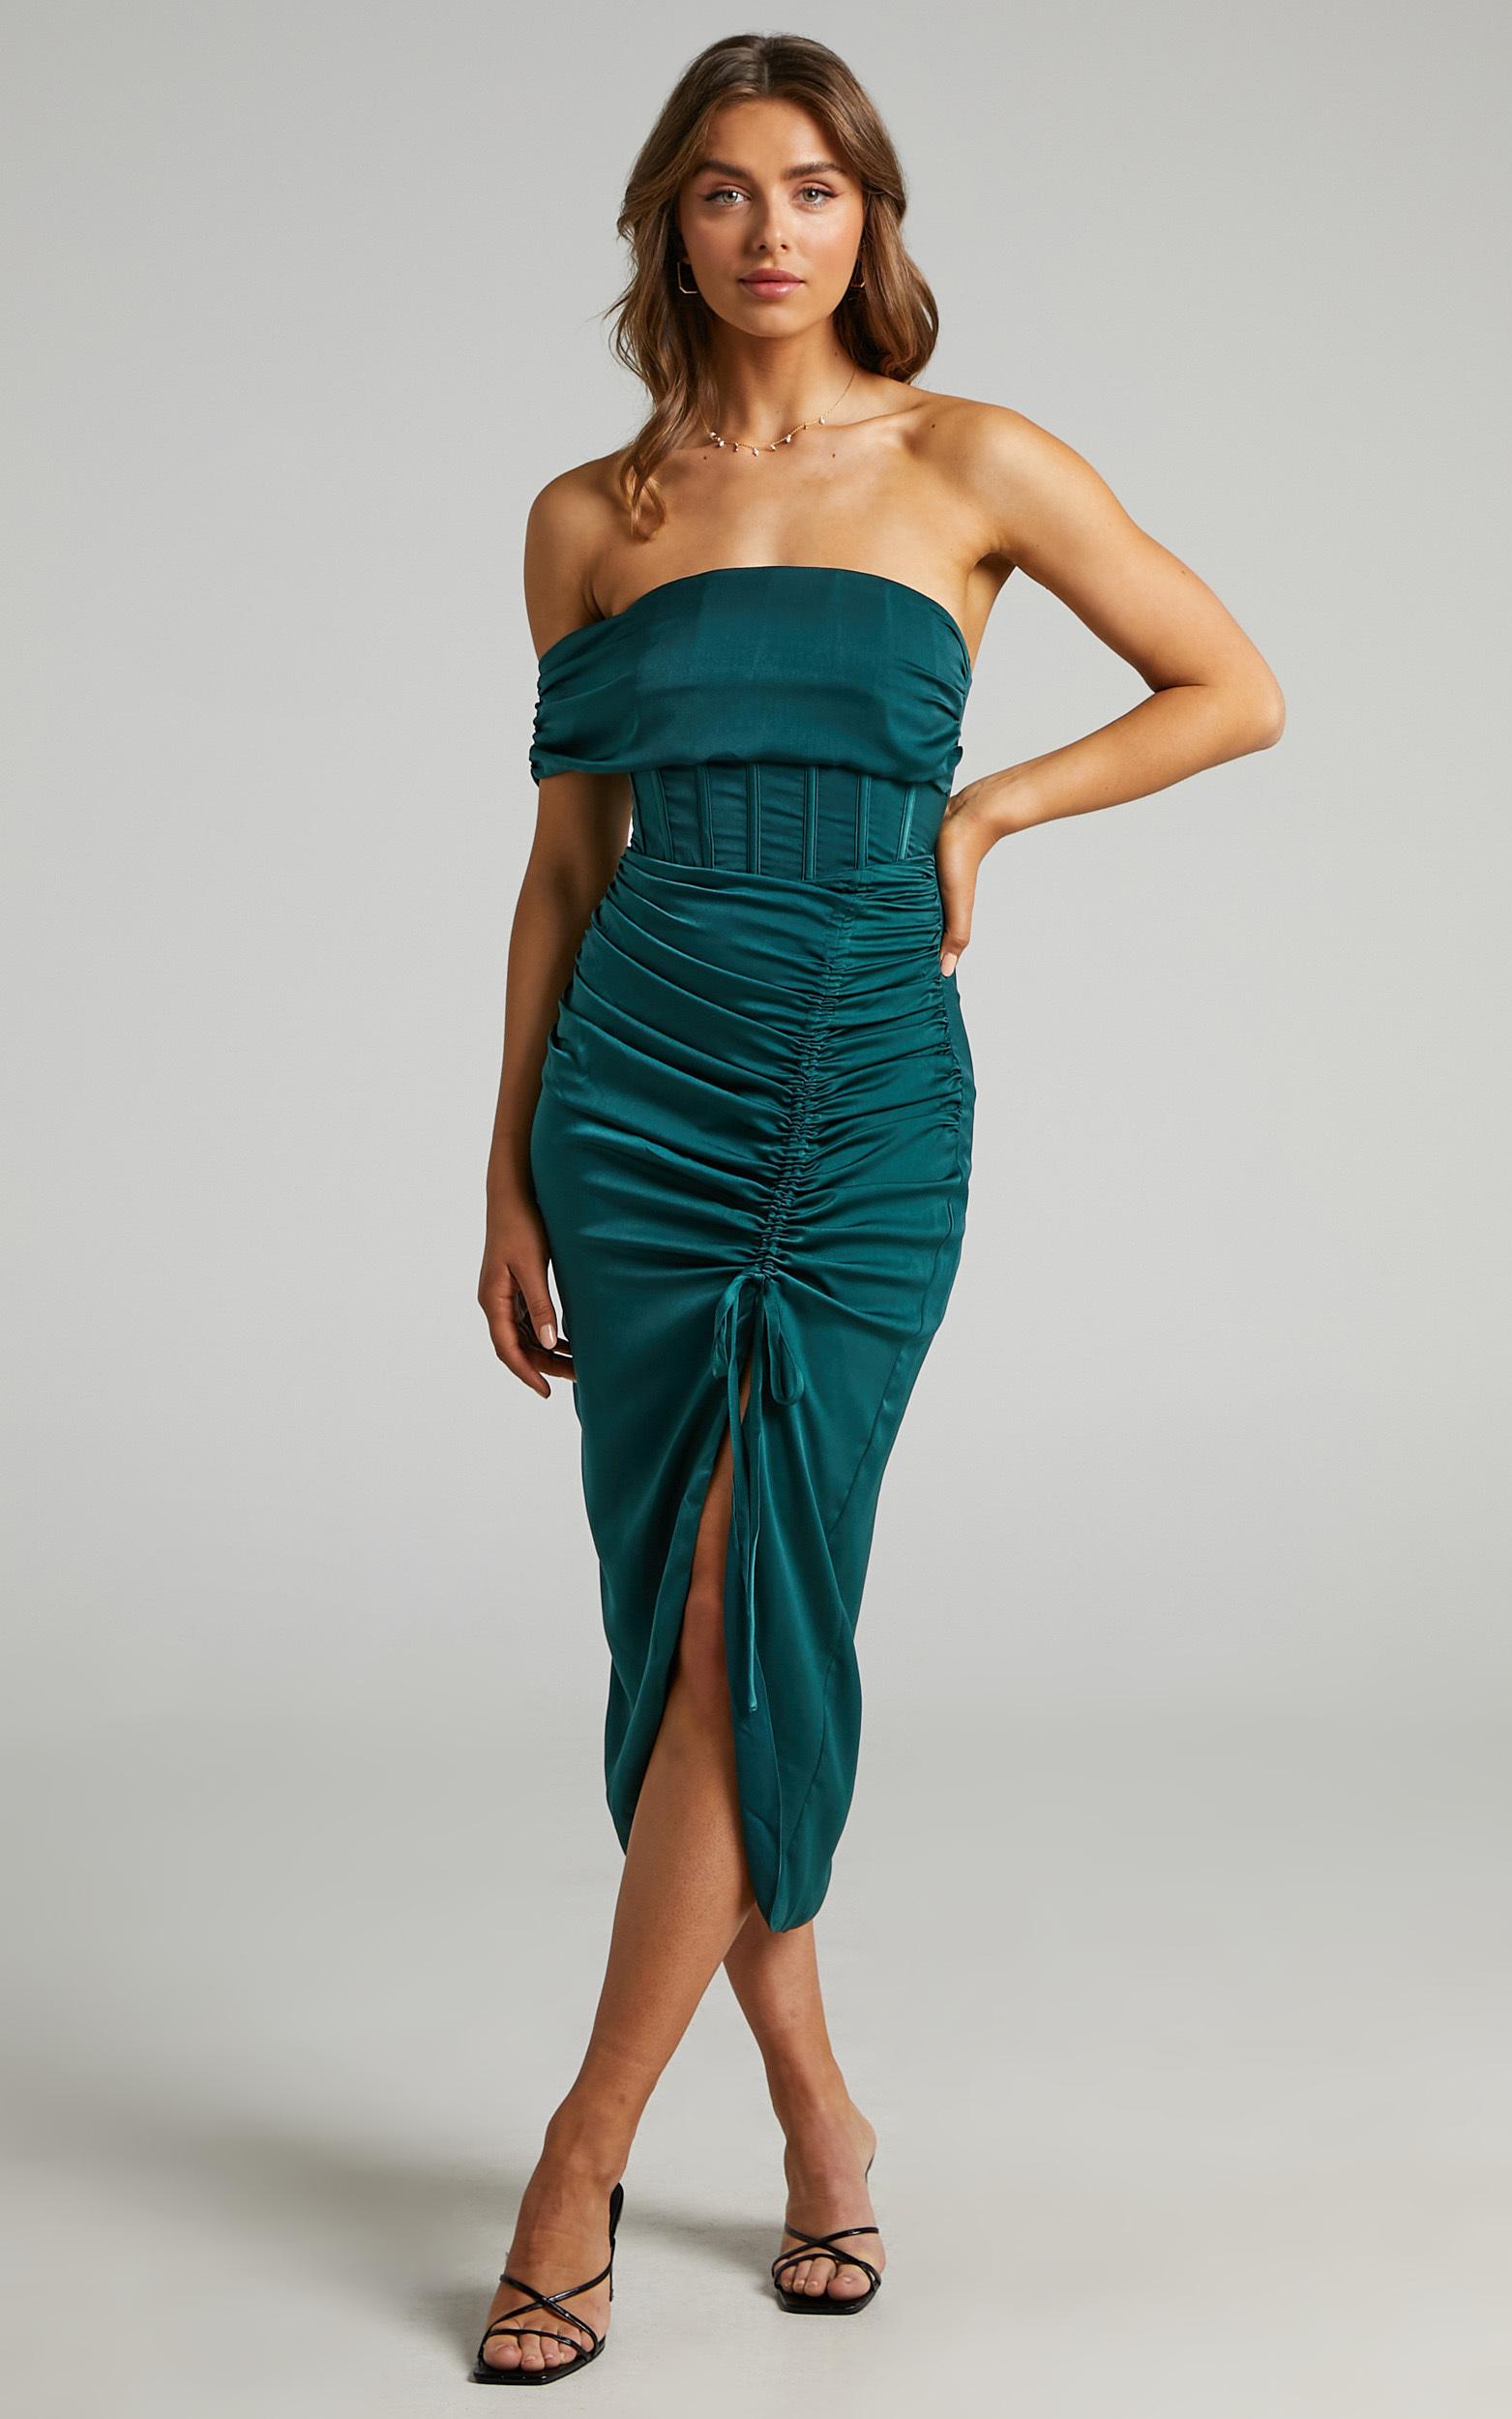 Hawk Corset Off Shoulder Dress in Emerald - 04, GRN1, hi-res image number null